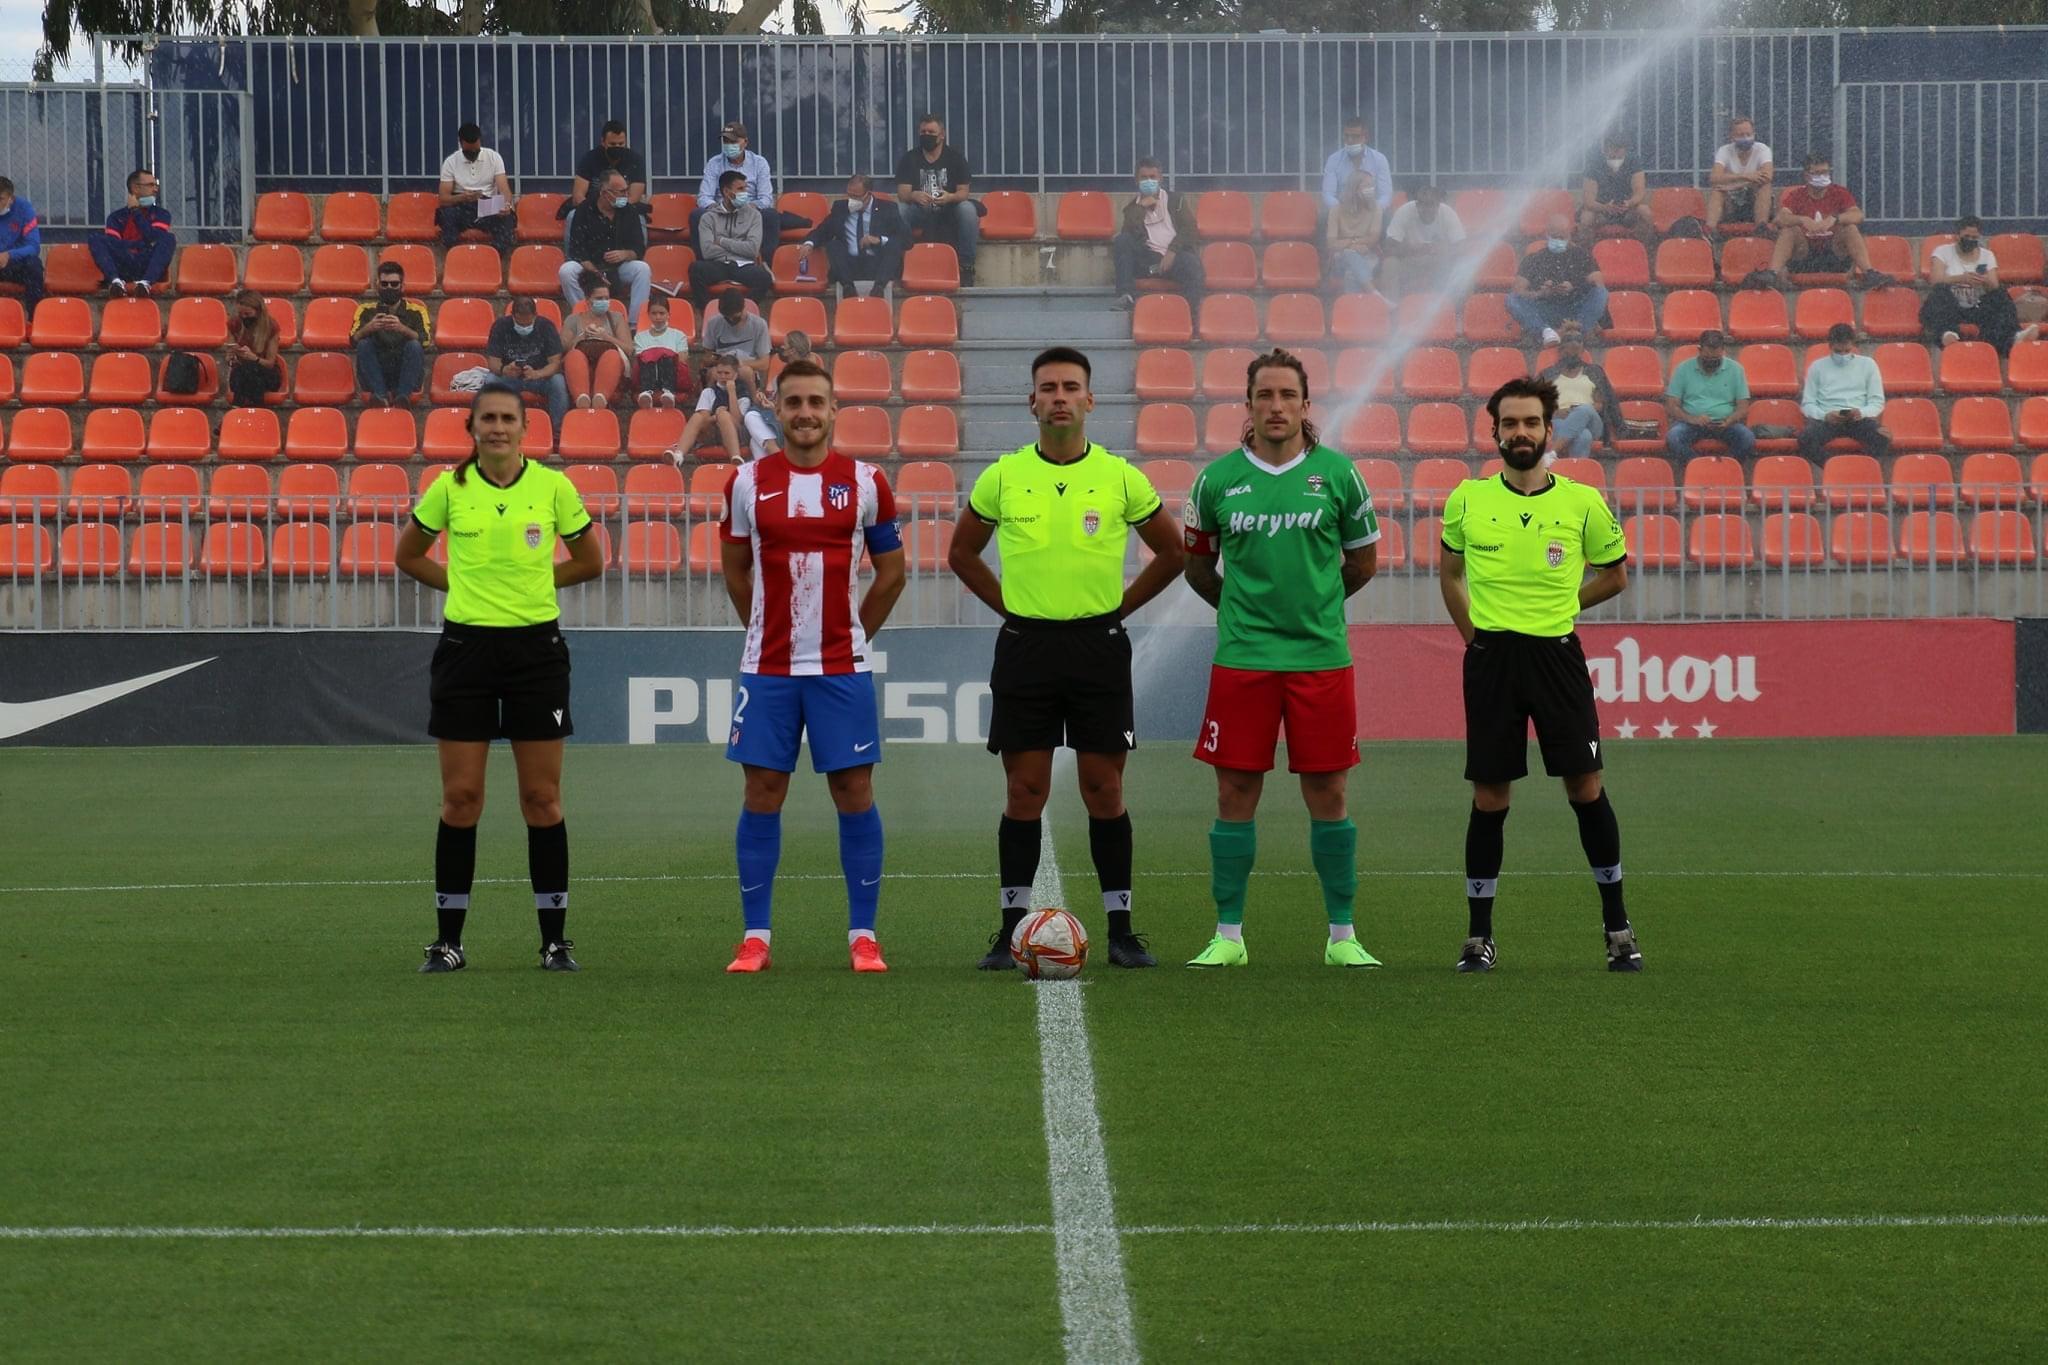 Jornada 3 I Se nos escapan los tres puntos ante el Atlético de Madrid